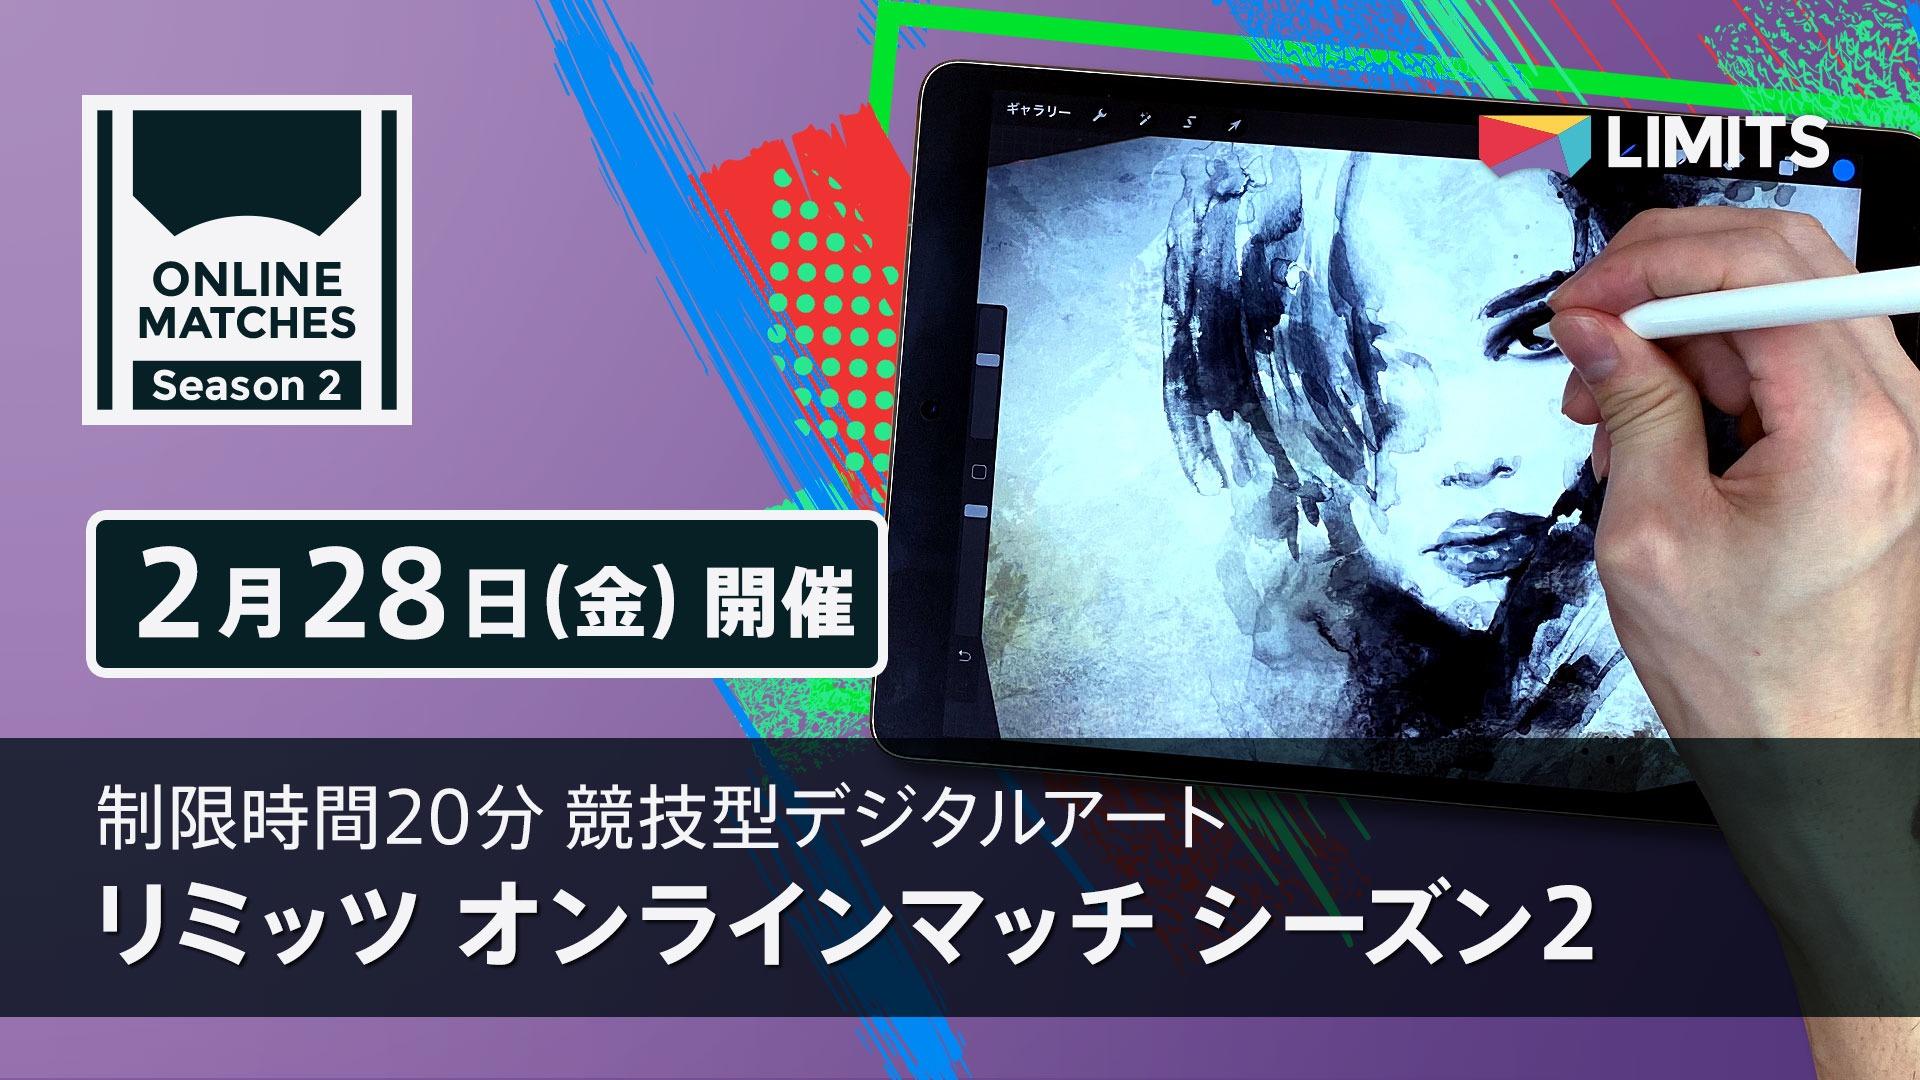 リミッツ オンラインマッチ シーズン2【2月28日】